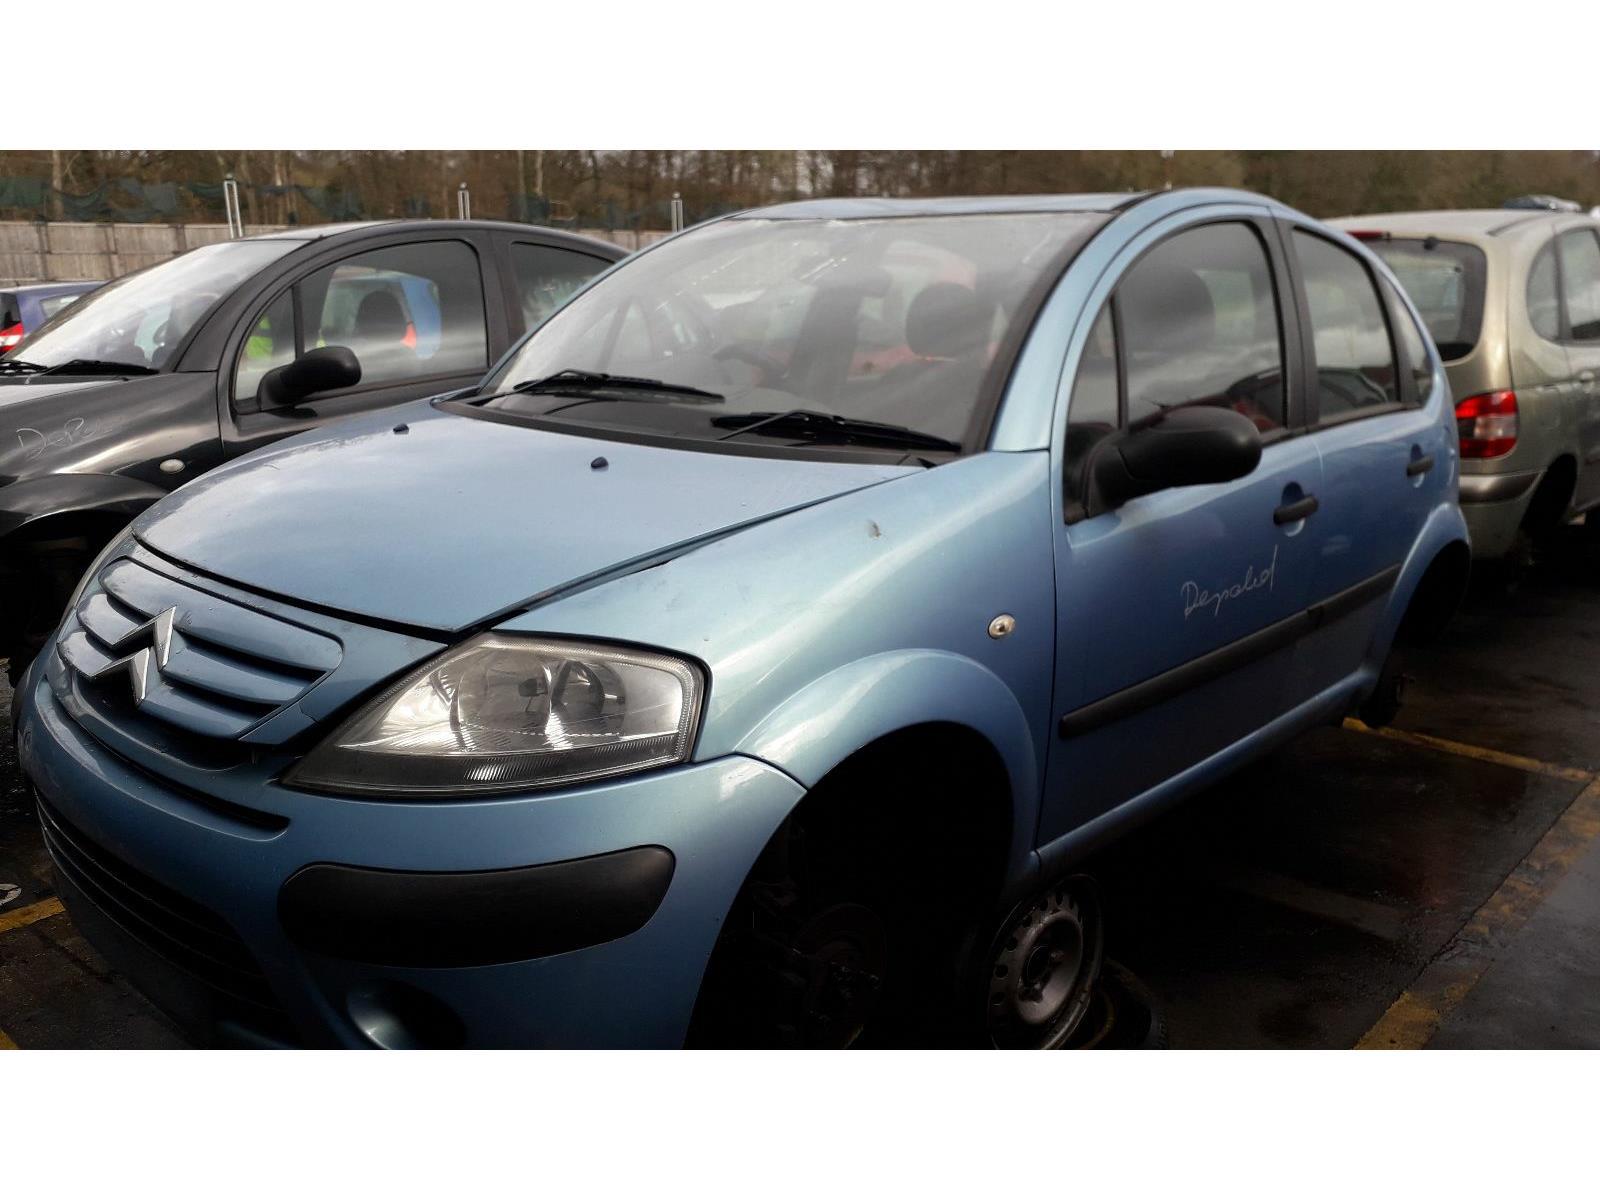 Citroen C3 2002 To 2010 Airplay+ 5 Door Hatchback